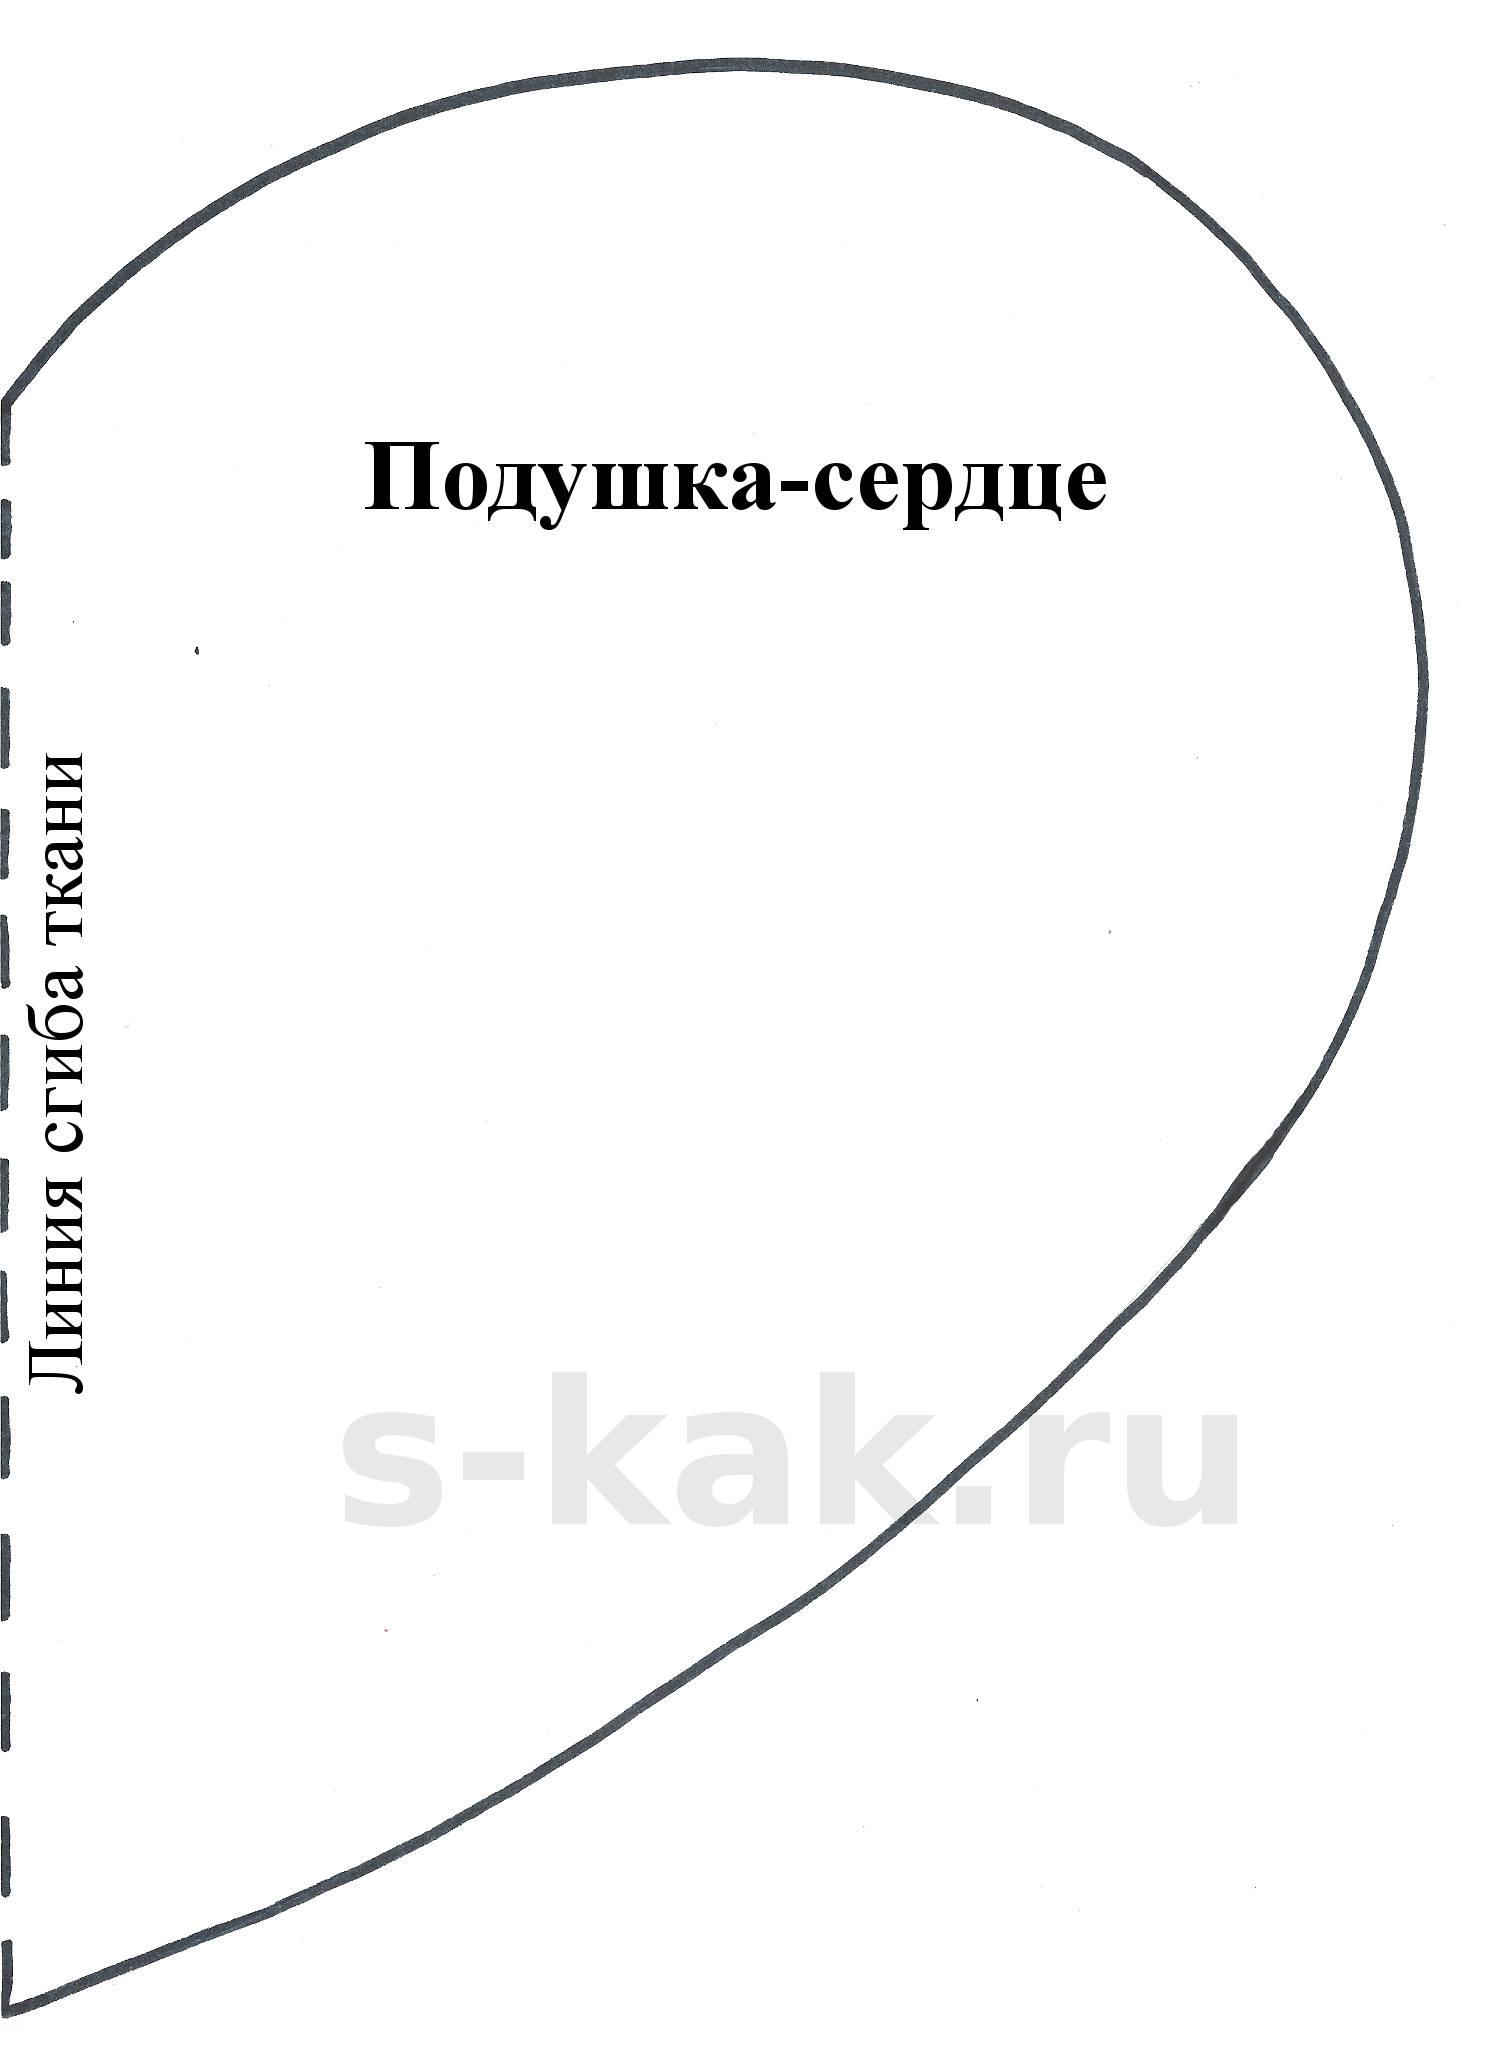 Схема подушки-сердце